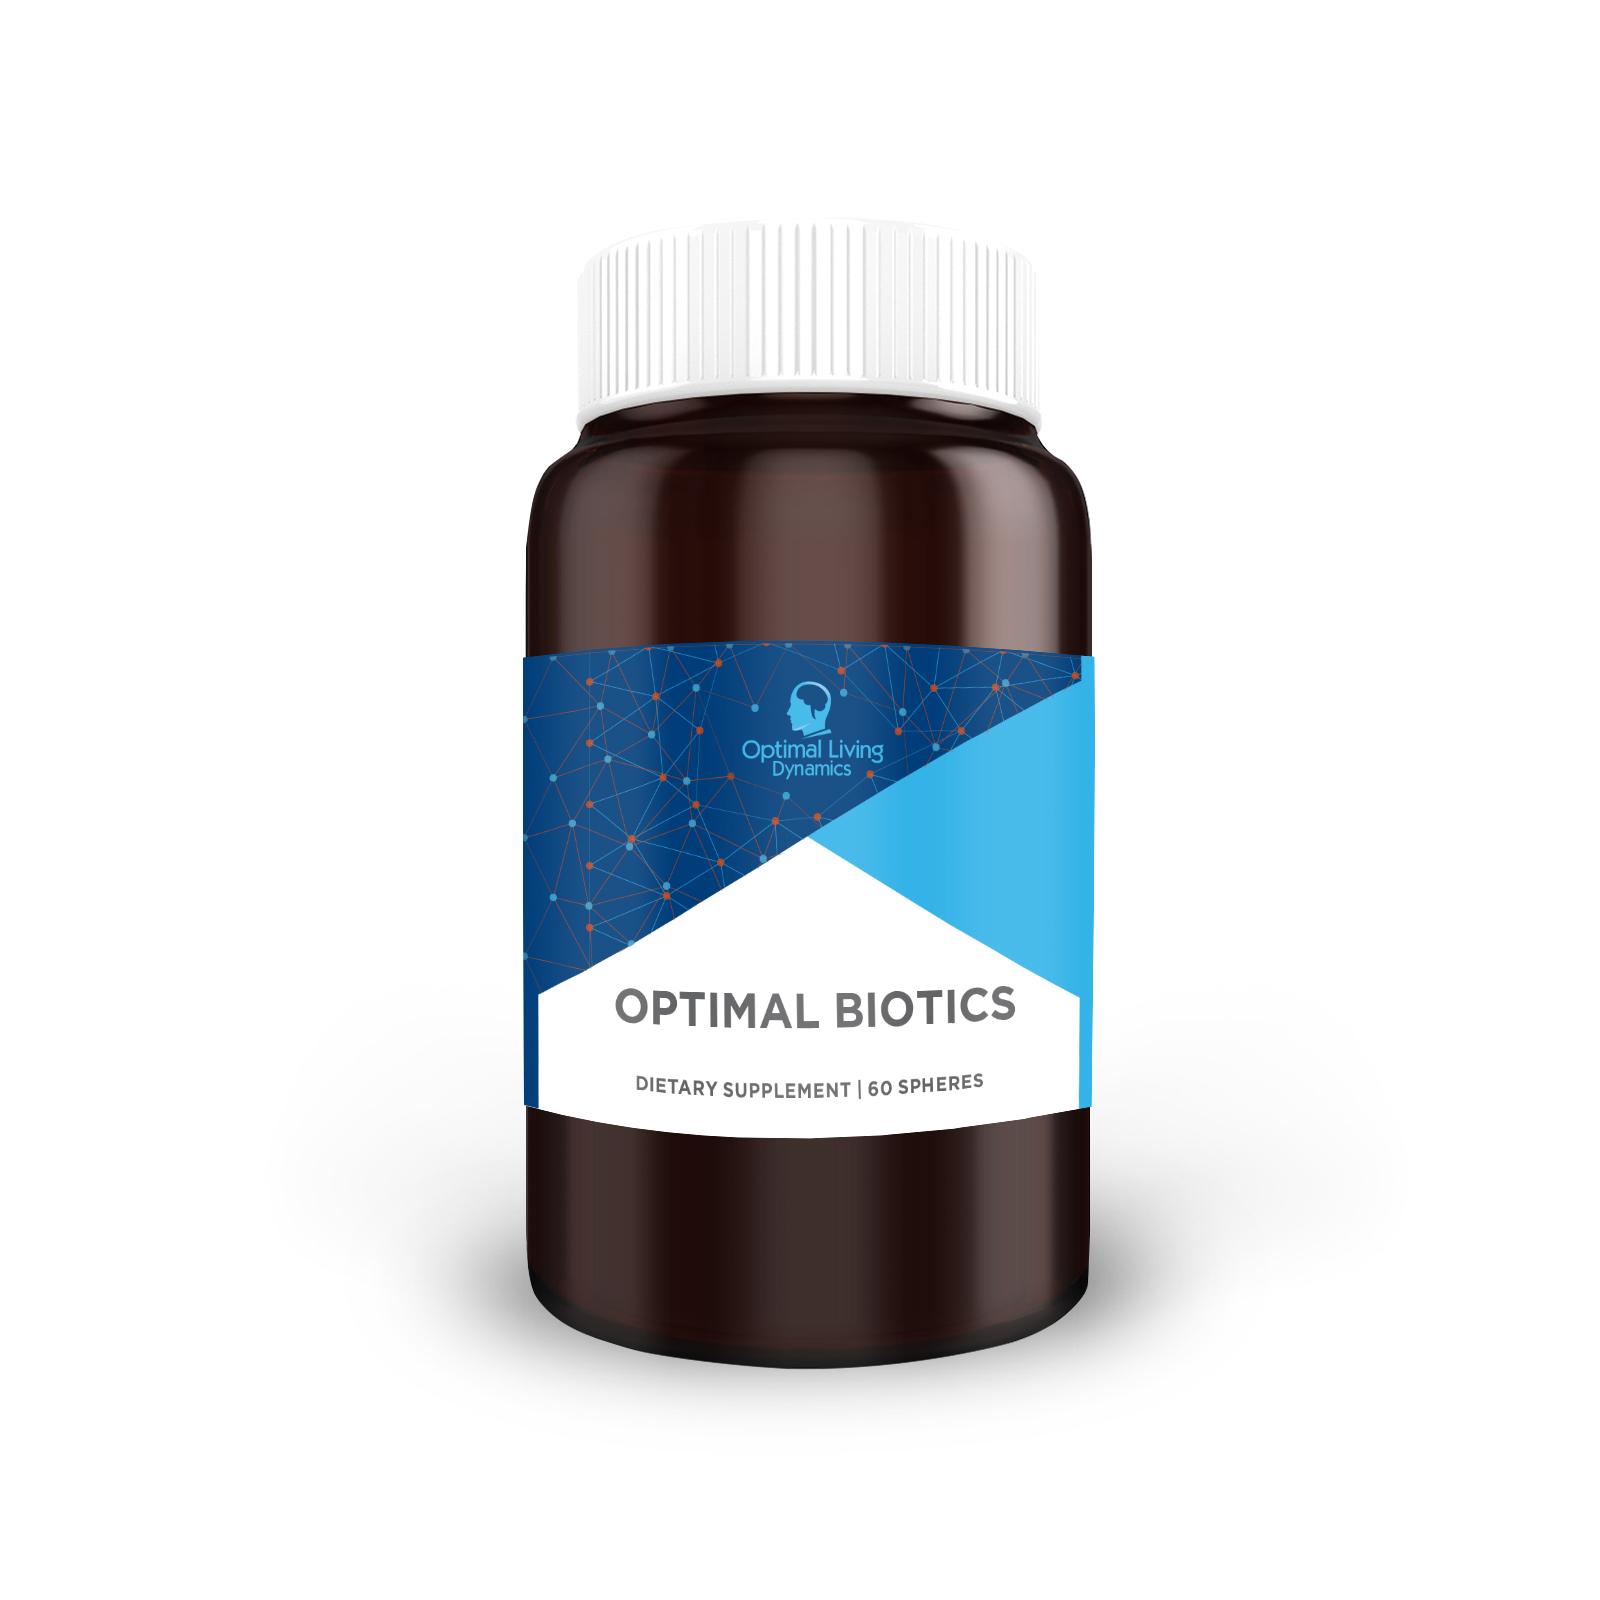 Fallis-PRO060-PL-3-Optimal Biotics (2).jpg